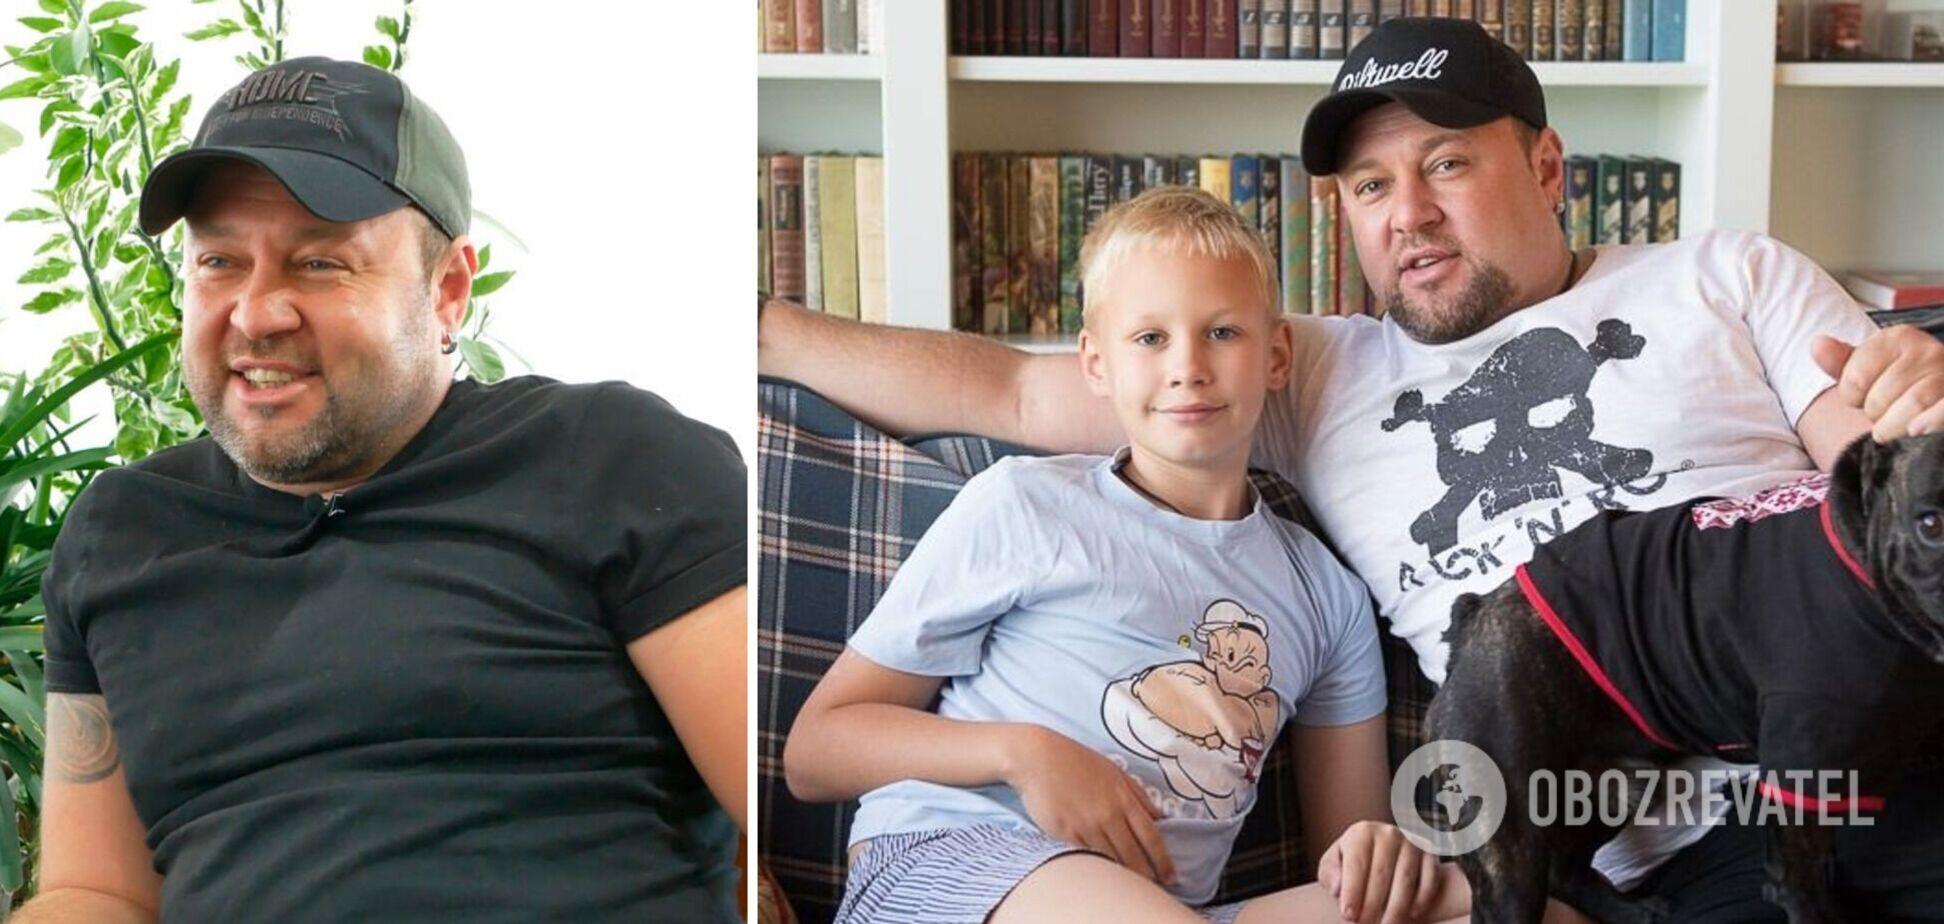 Пикалов с женой развелись: что известно об их 15-летнем сыне. Фото